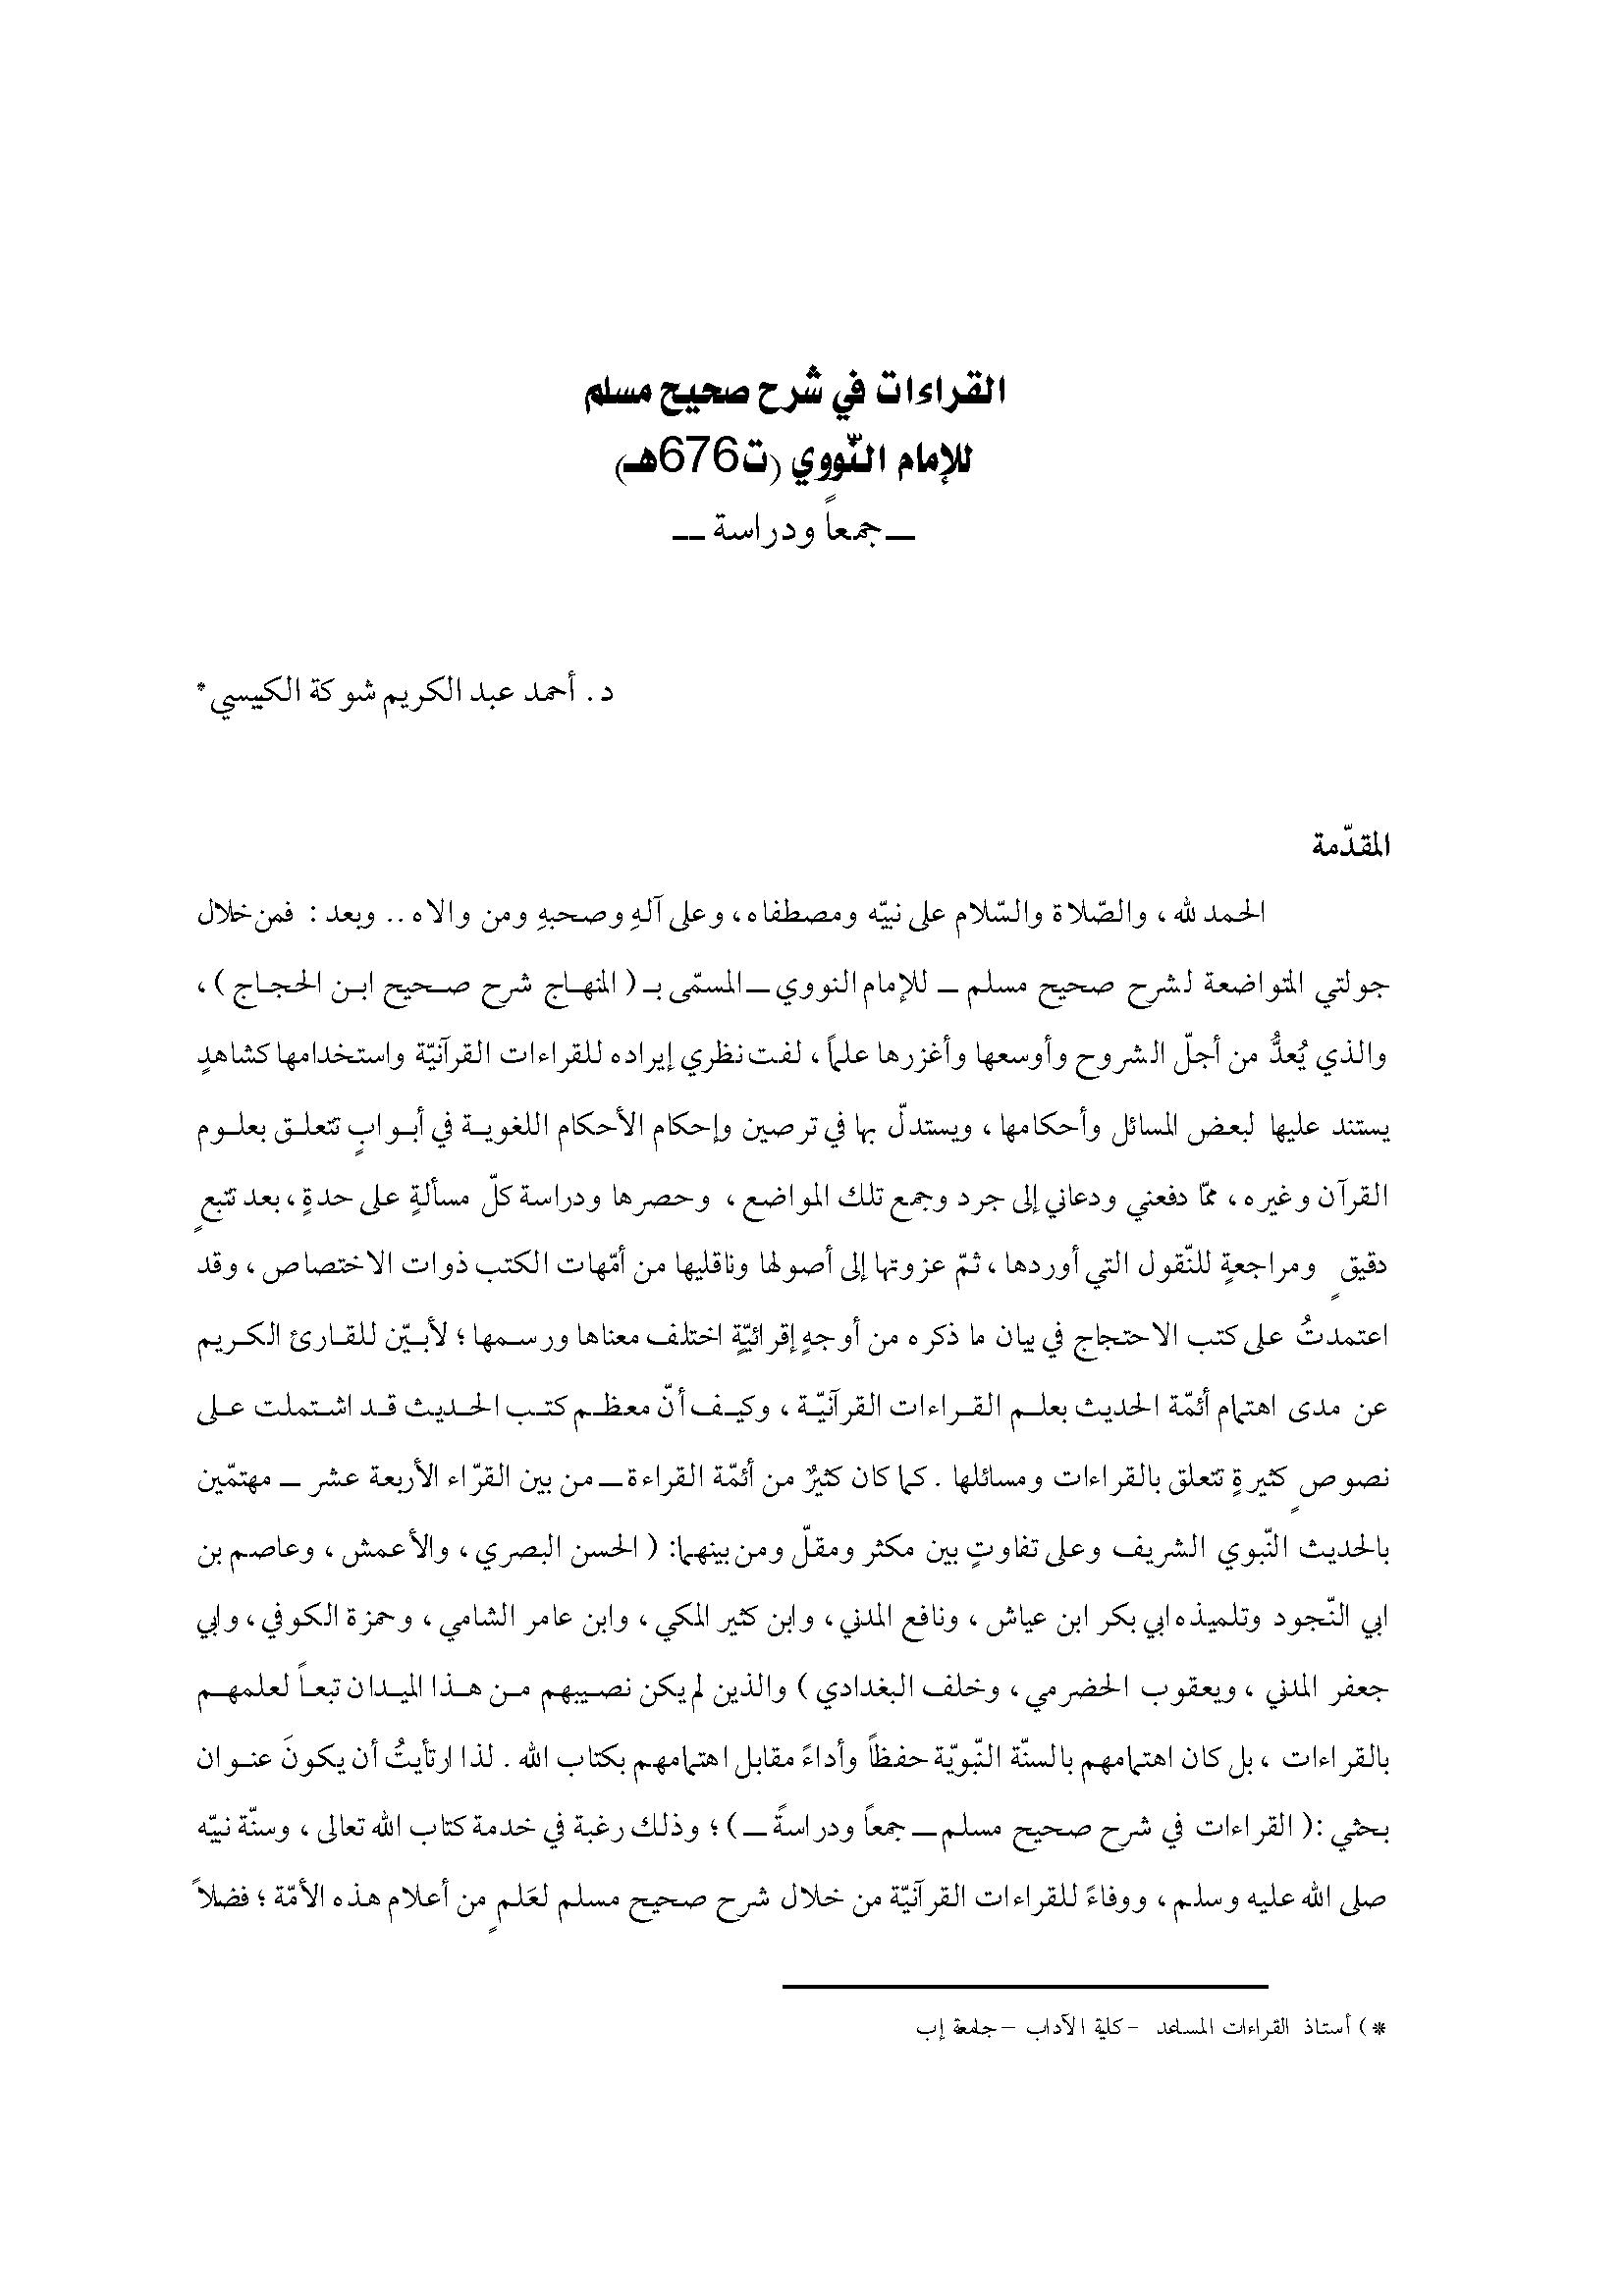 تحميل كتاب القراءات في شرح صحيح مسلم للإمام النووي (جمعًا ودراسةً) لـِ: الدكتور أحمد عبد الكريم شوكة الكبيسي